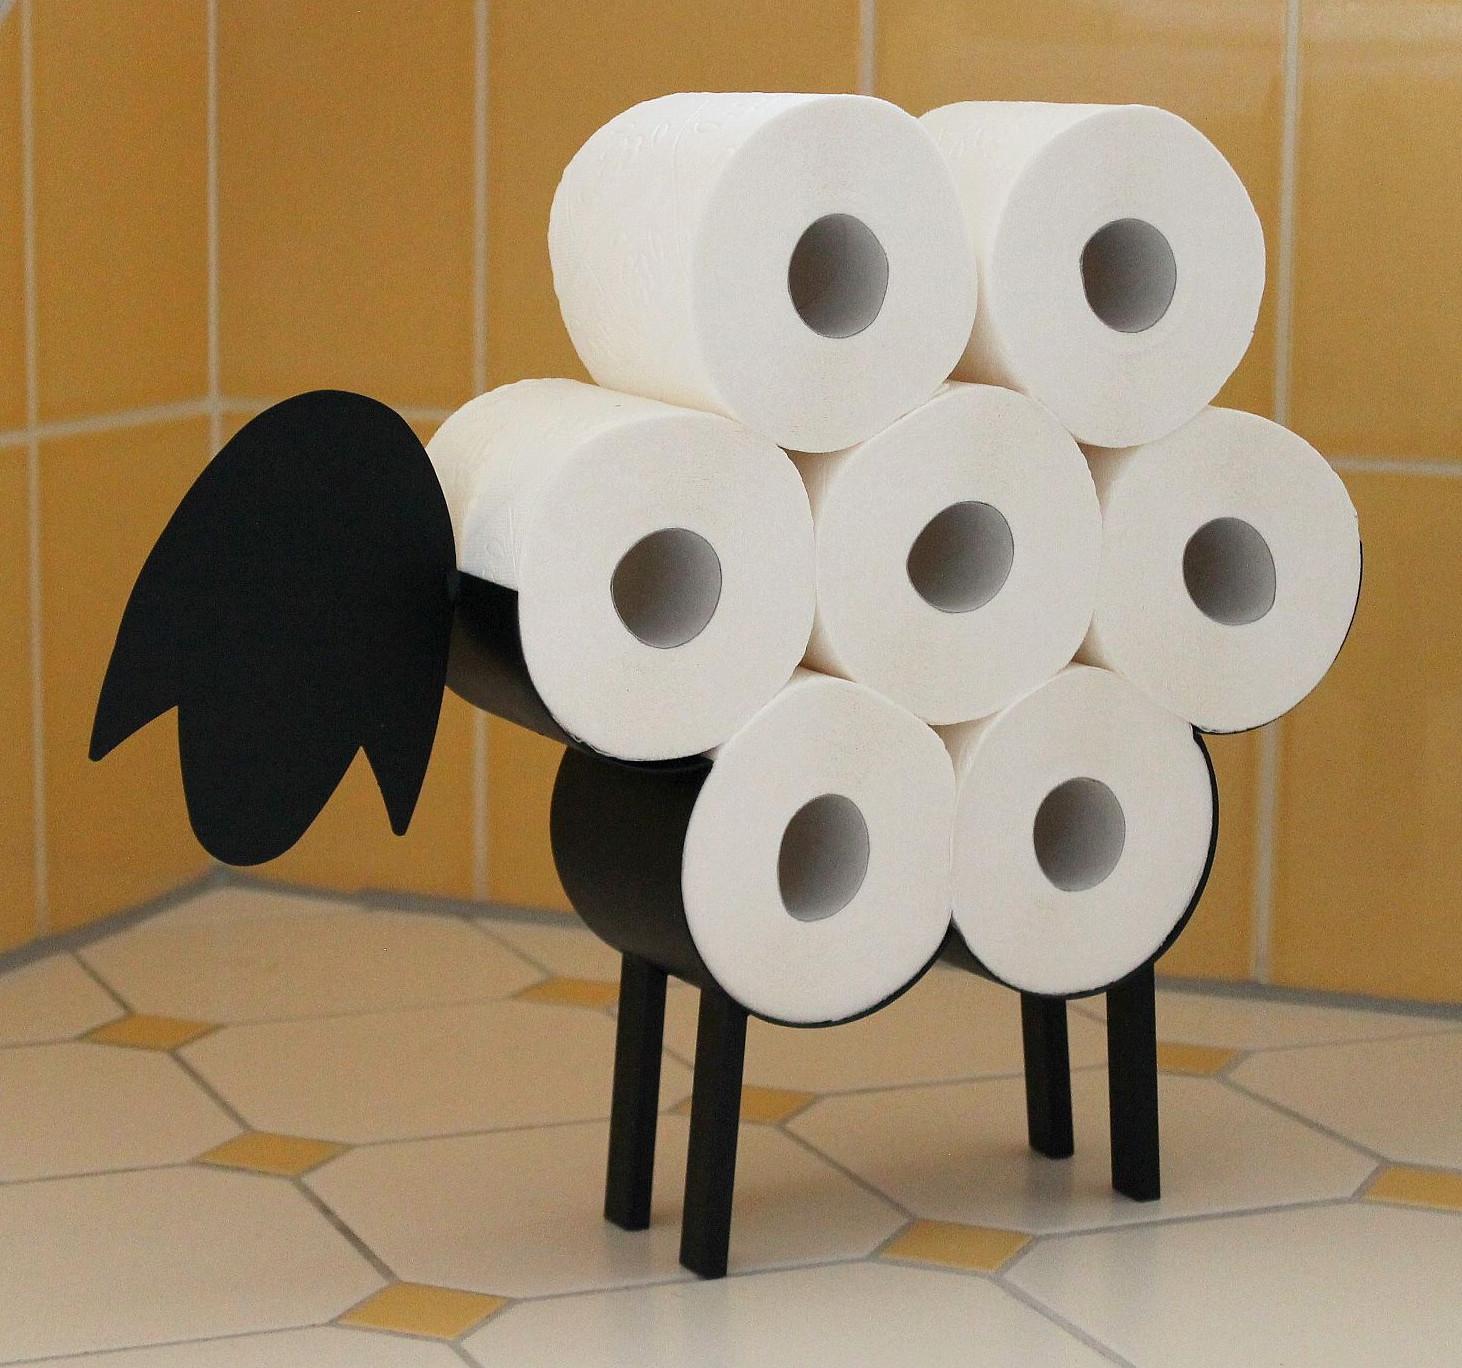 Toilettenpapierhalter Rollenhalter WC Papierhalter Klopapierhalter doppelt